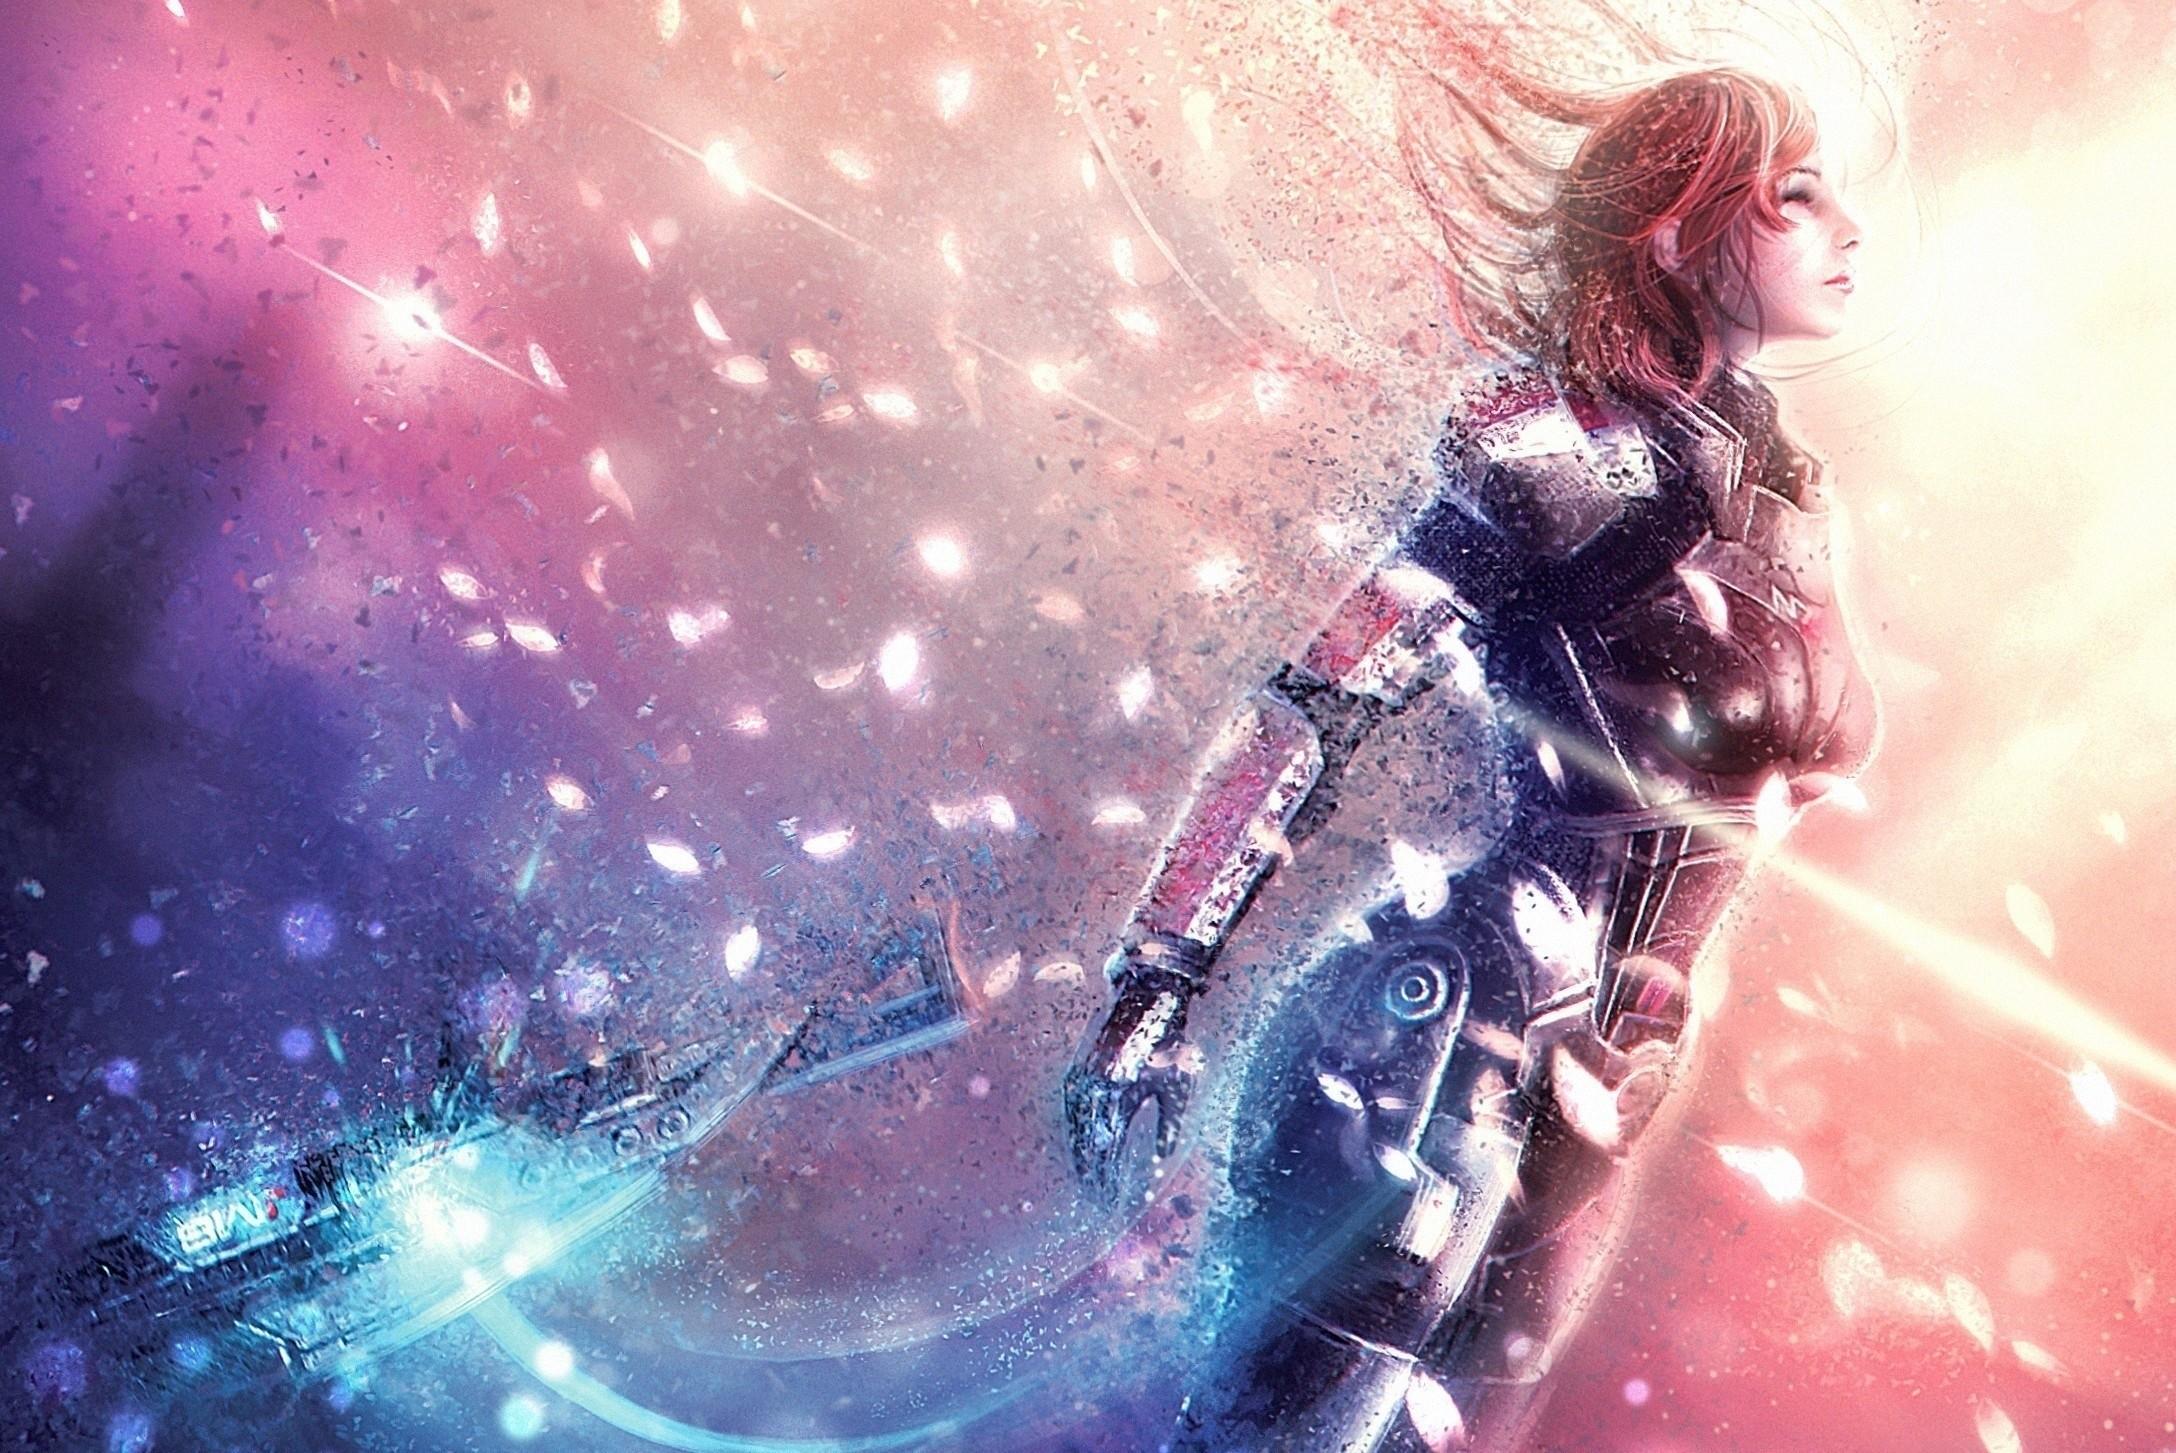 Mass effect artwork n7 mass effect 3 femshep commander shepard mass effect  3 ending Wallpaper